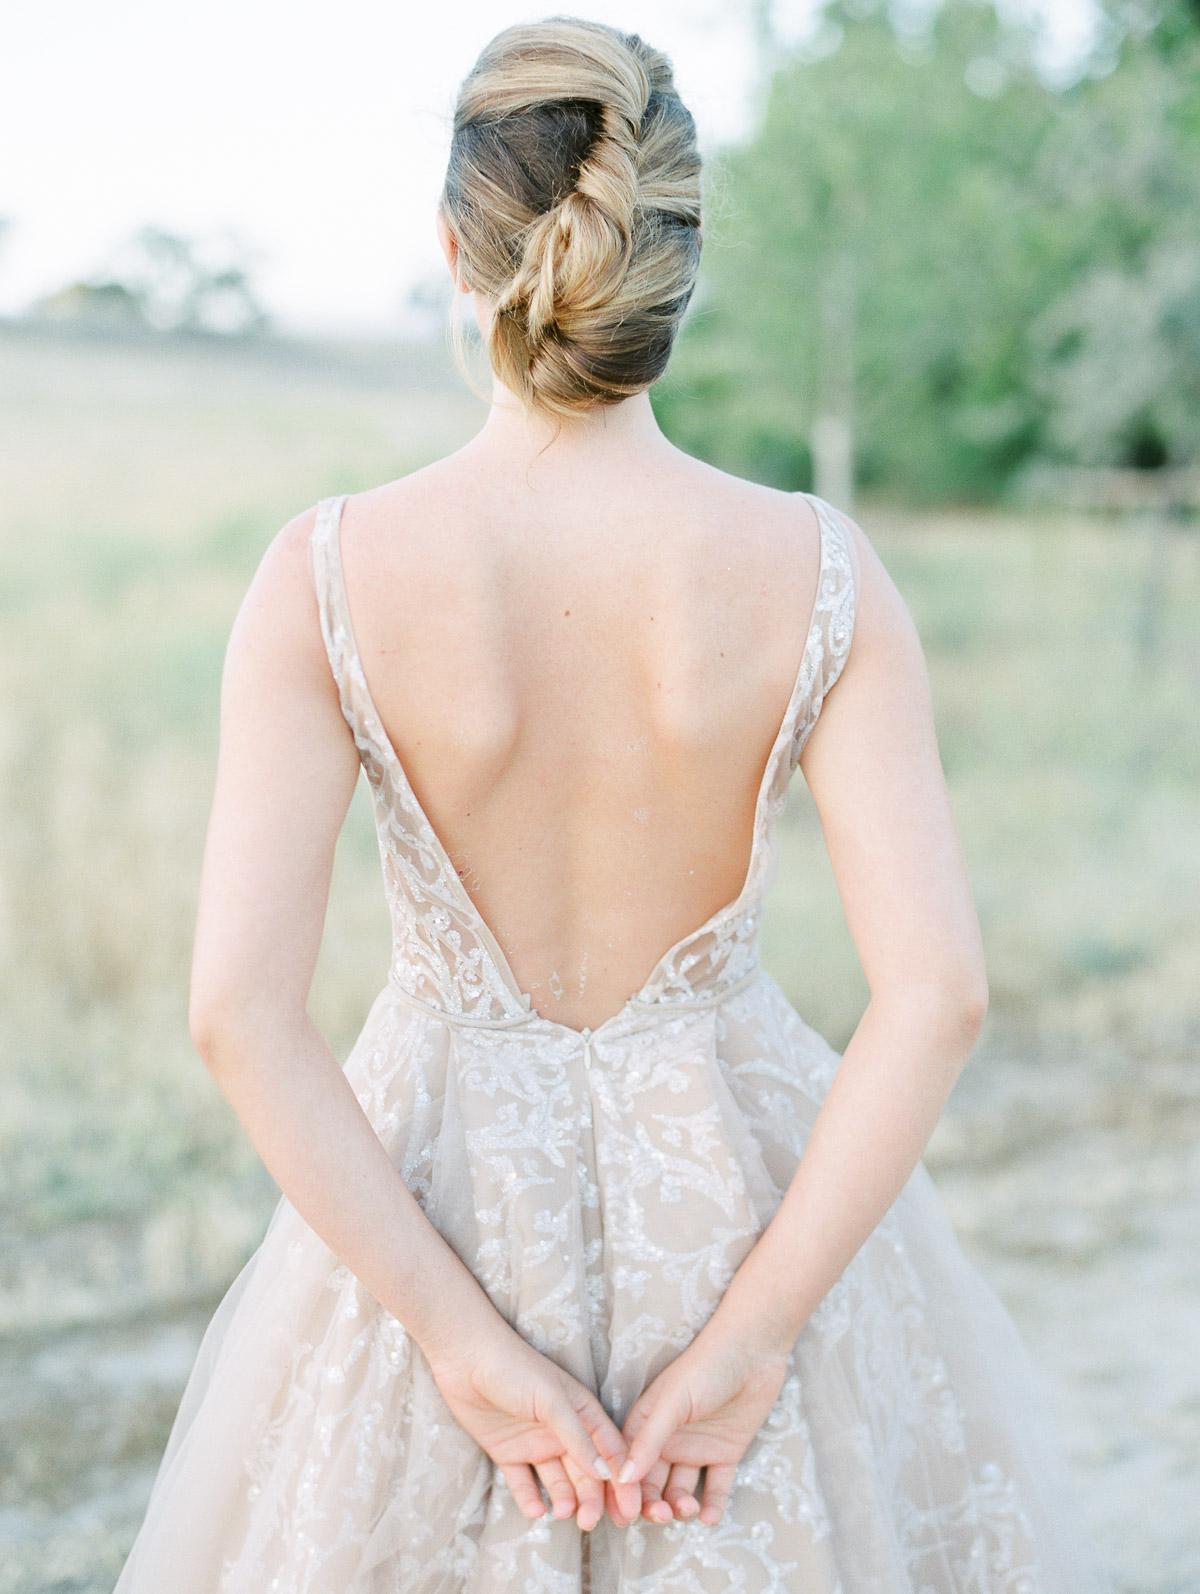 kestrel-park-wedding-photographer-65.jpg